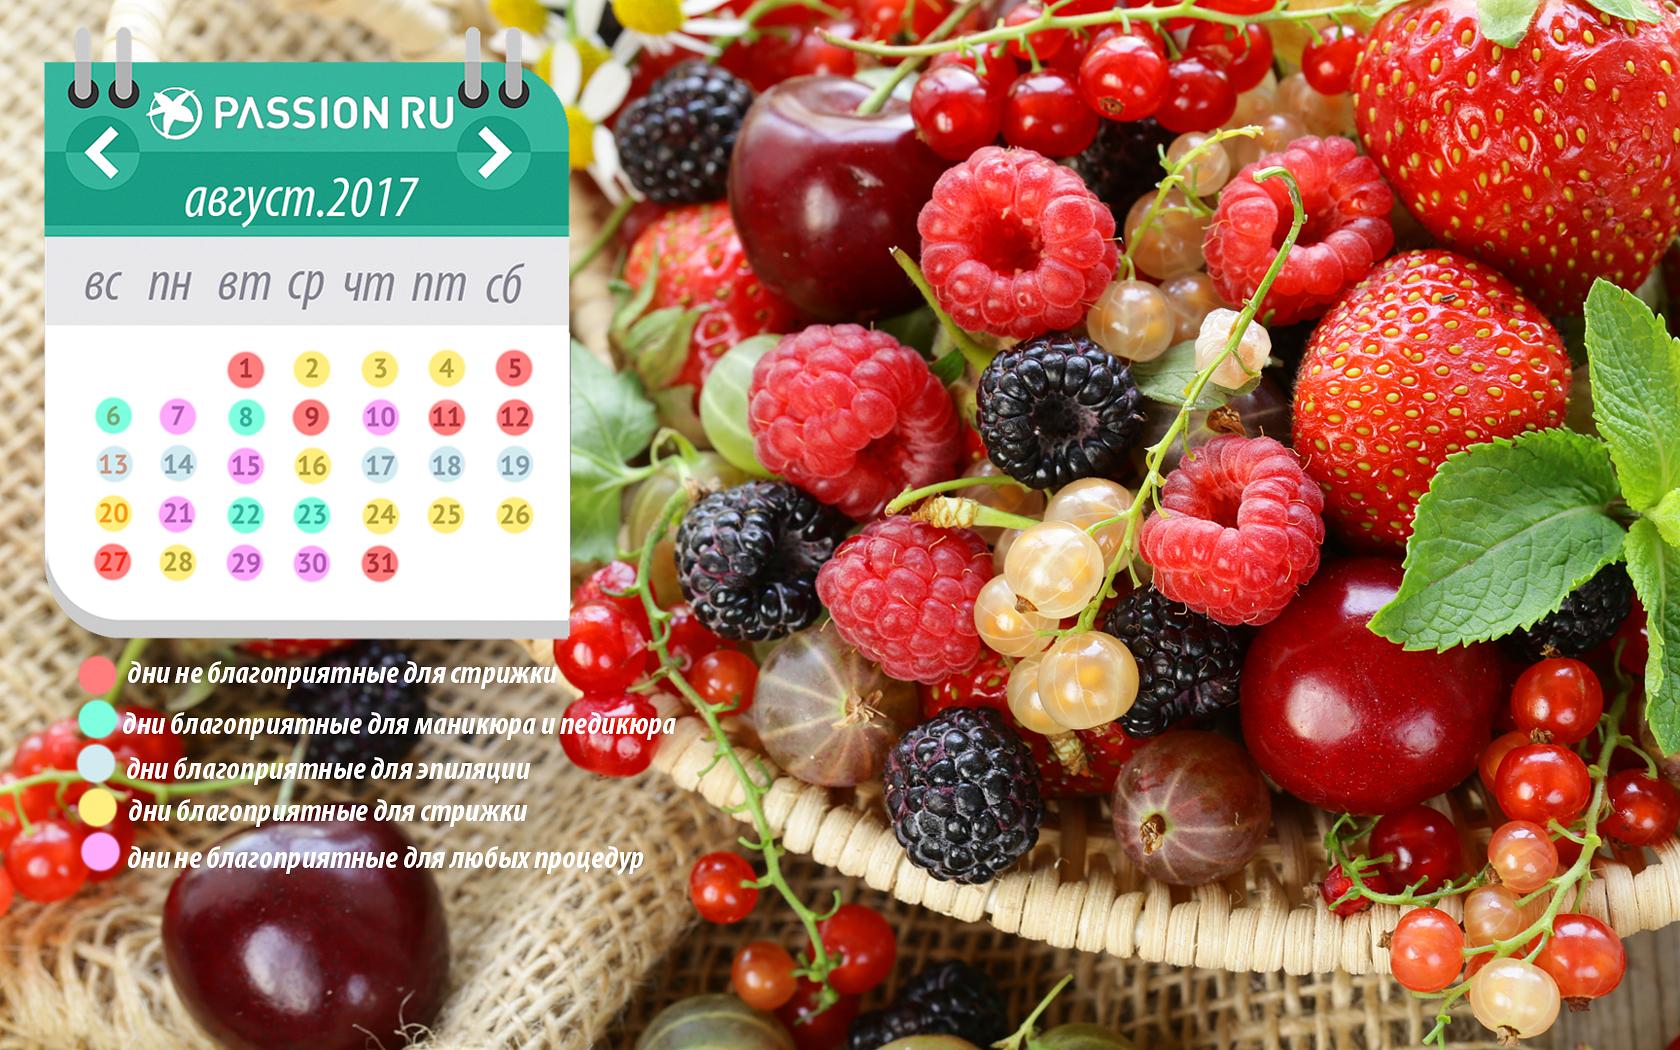 пассион ру обои на рабочий стол с календарем август 2017 № 16831 без смс